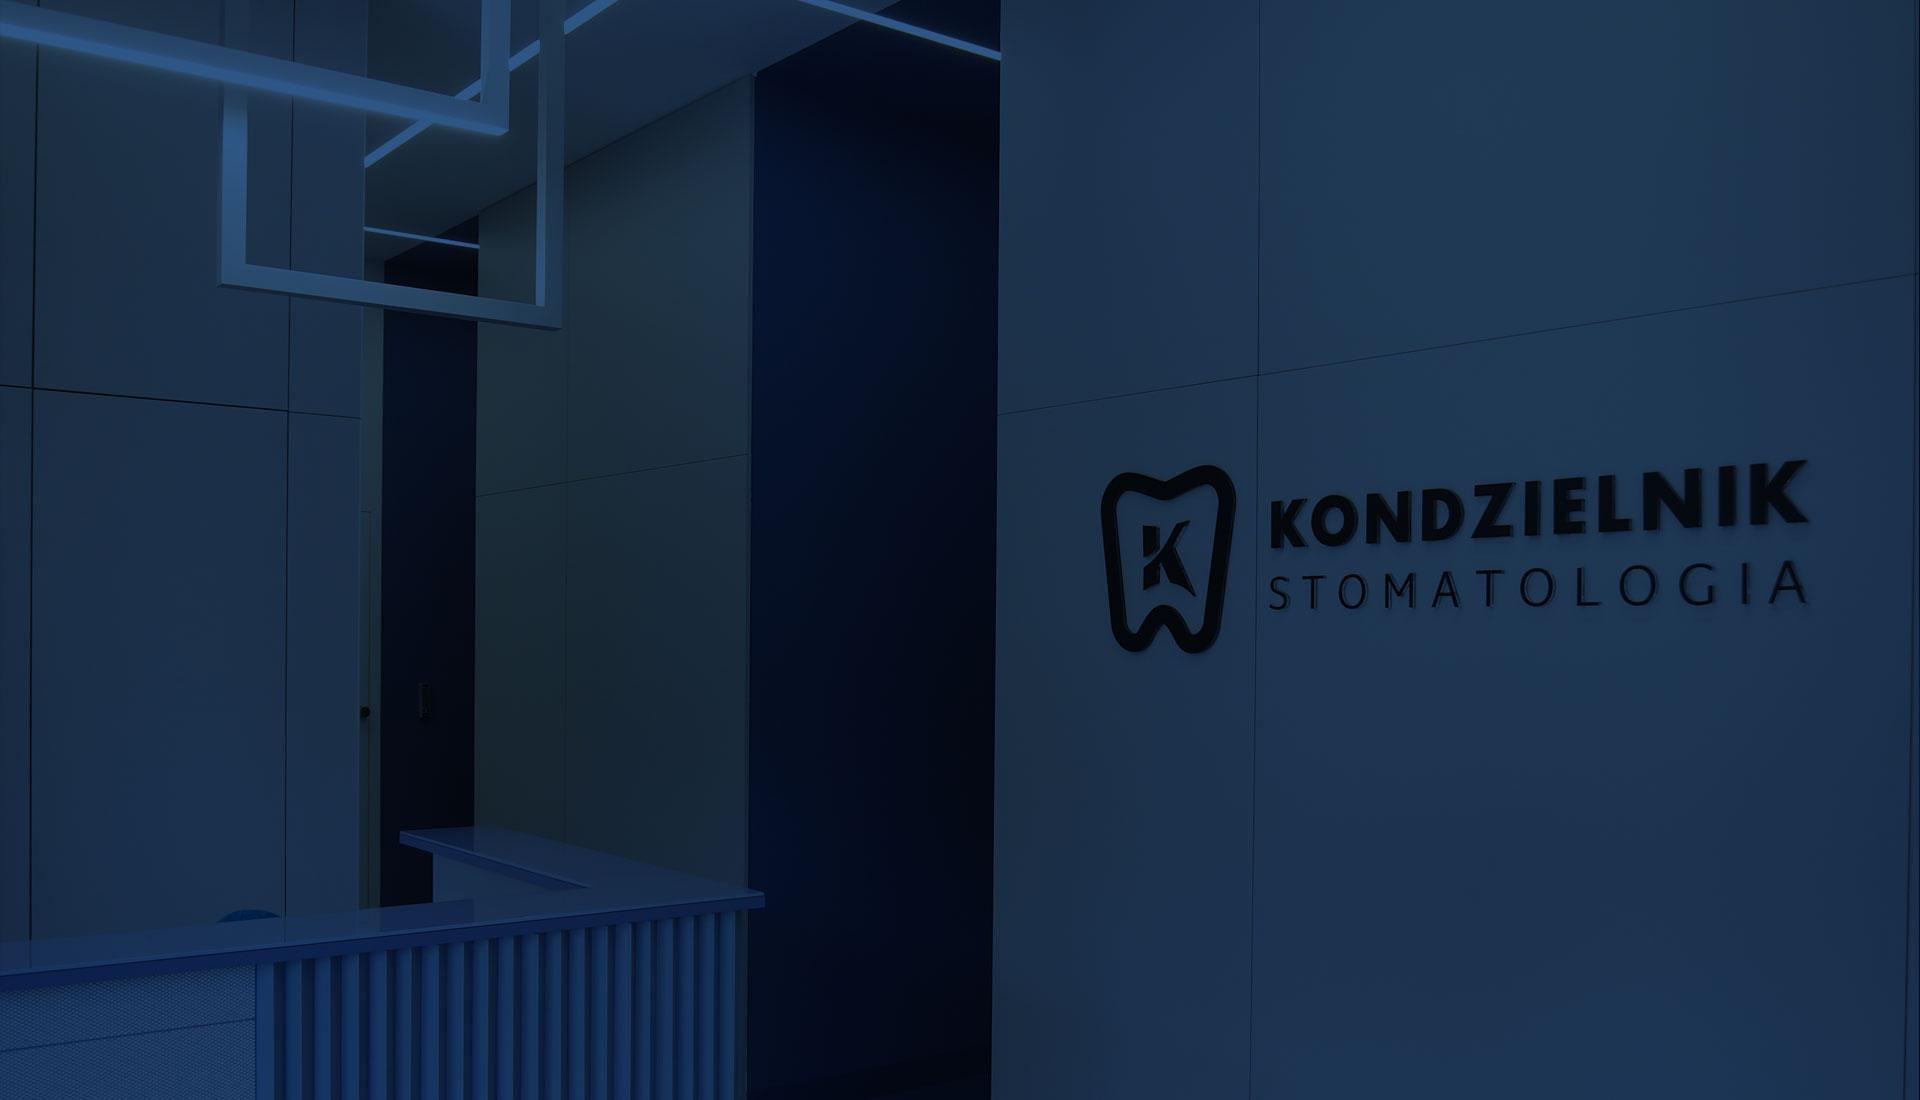 stomatologia kondzielnik